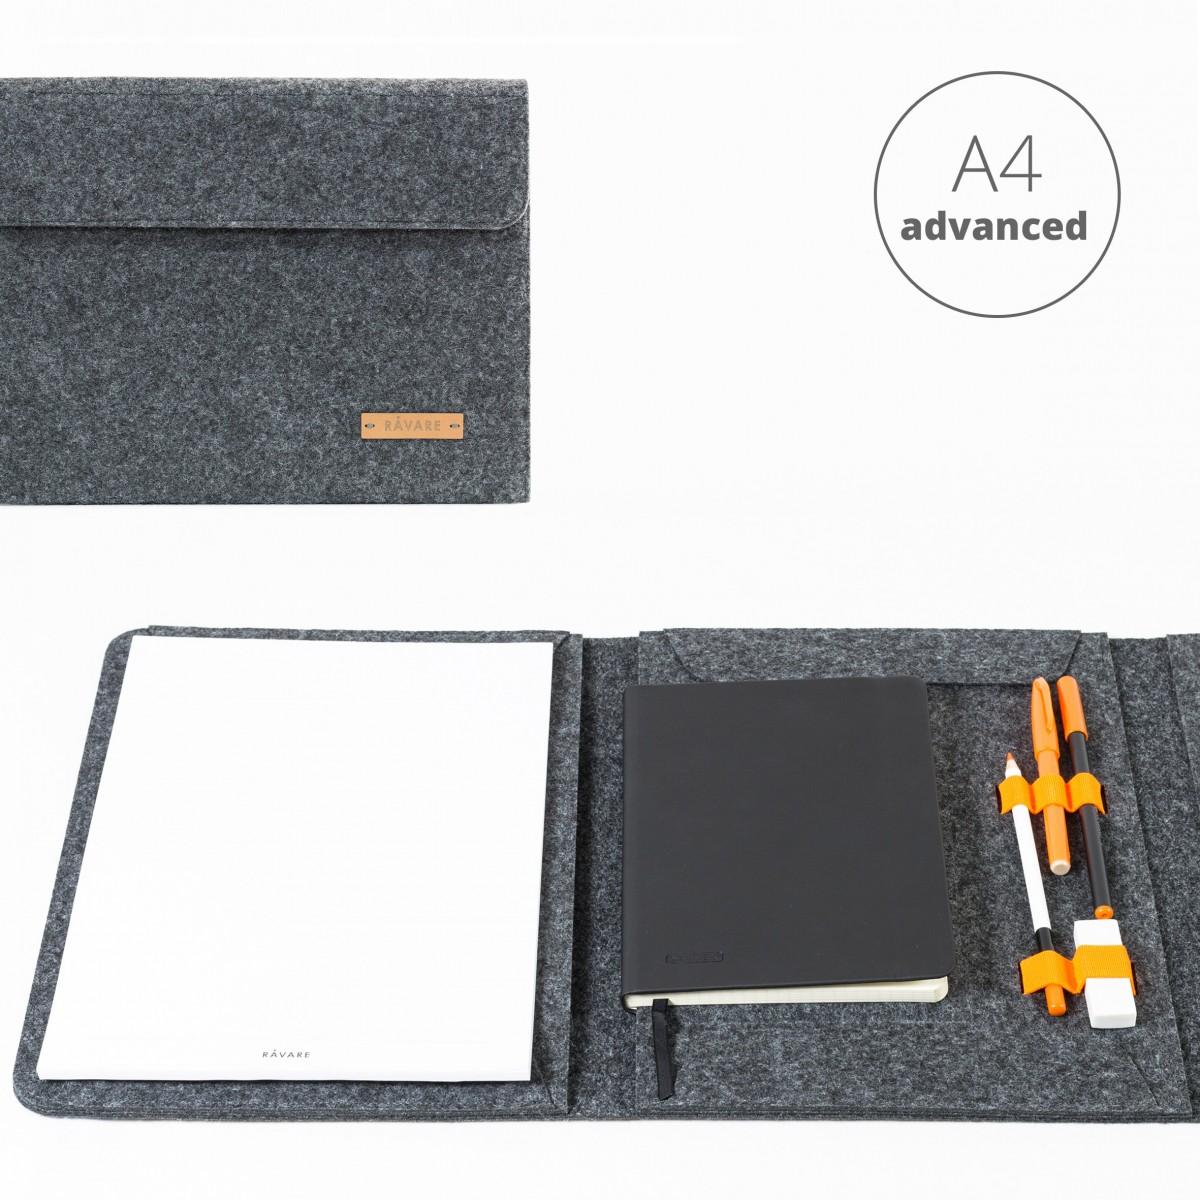 RÅVARE Dokumentenmappe für A4-Dokumente, Kalender, Planer und Tablet ≤12.3″ in grau [HENNE]